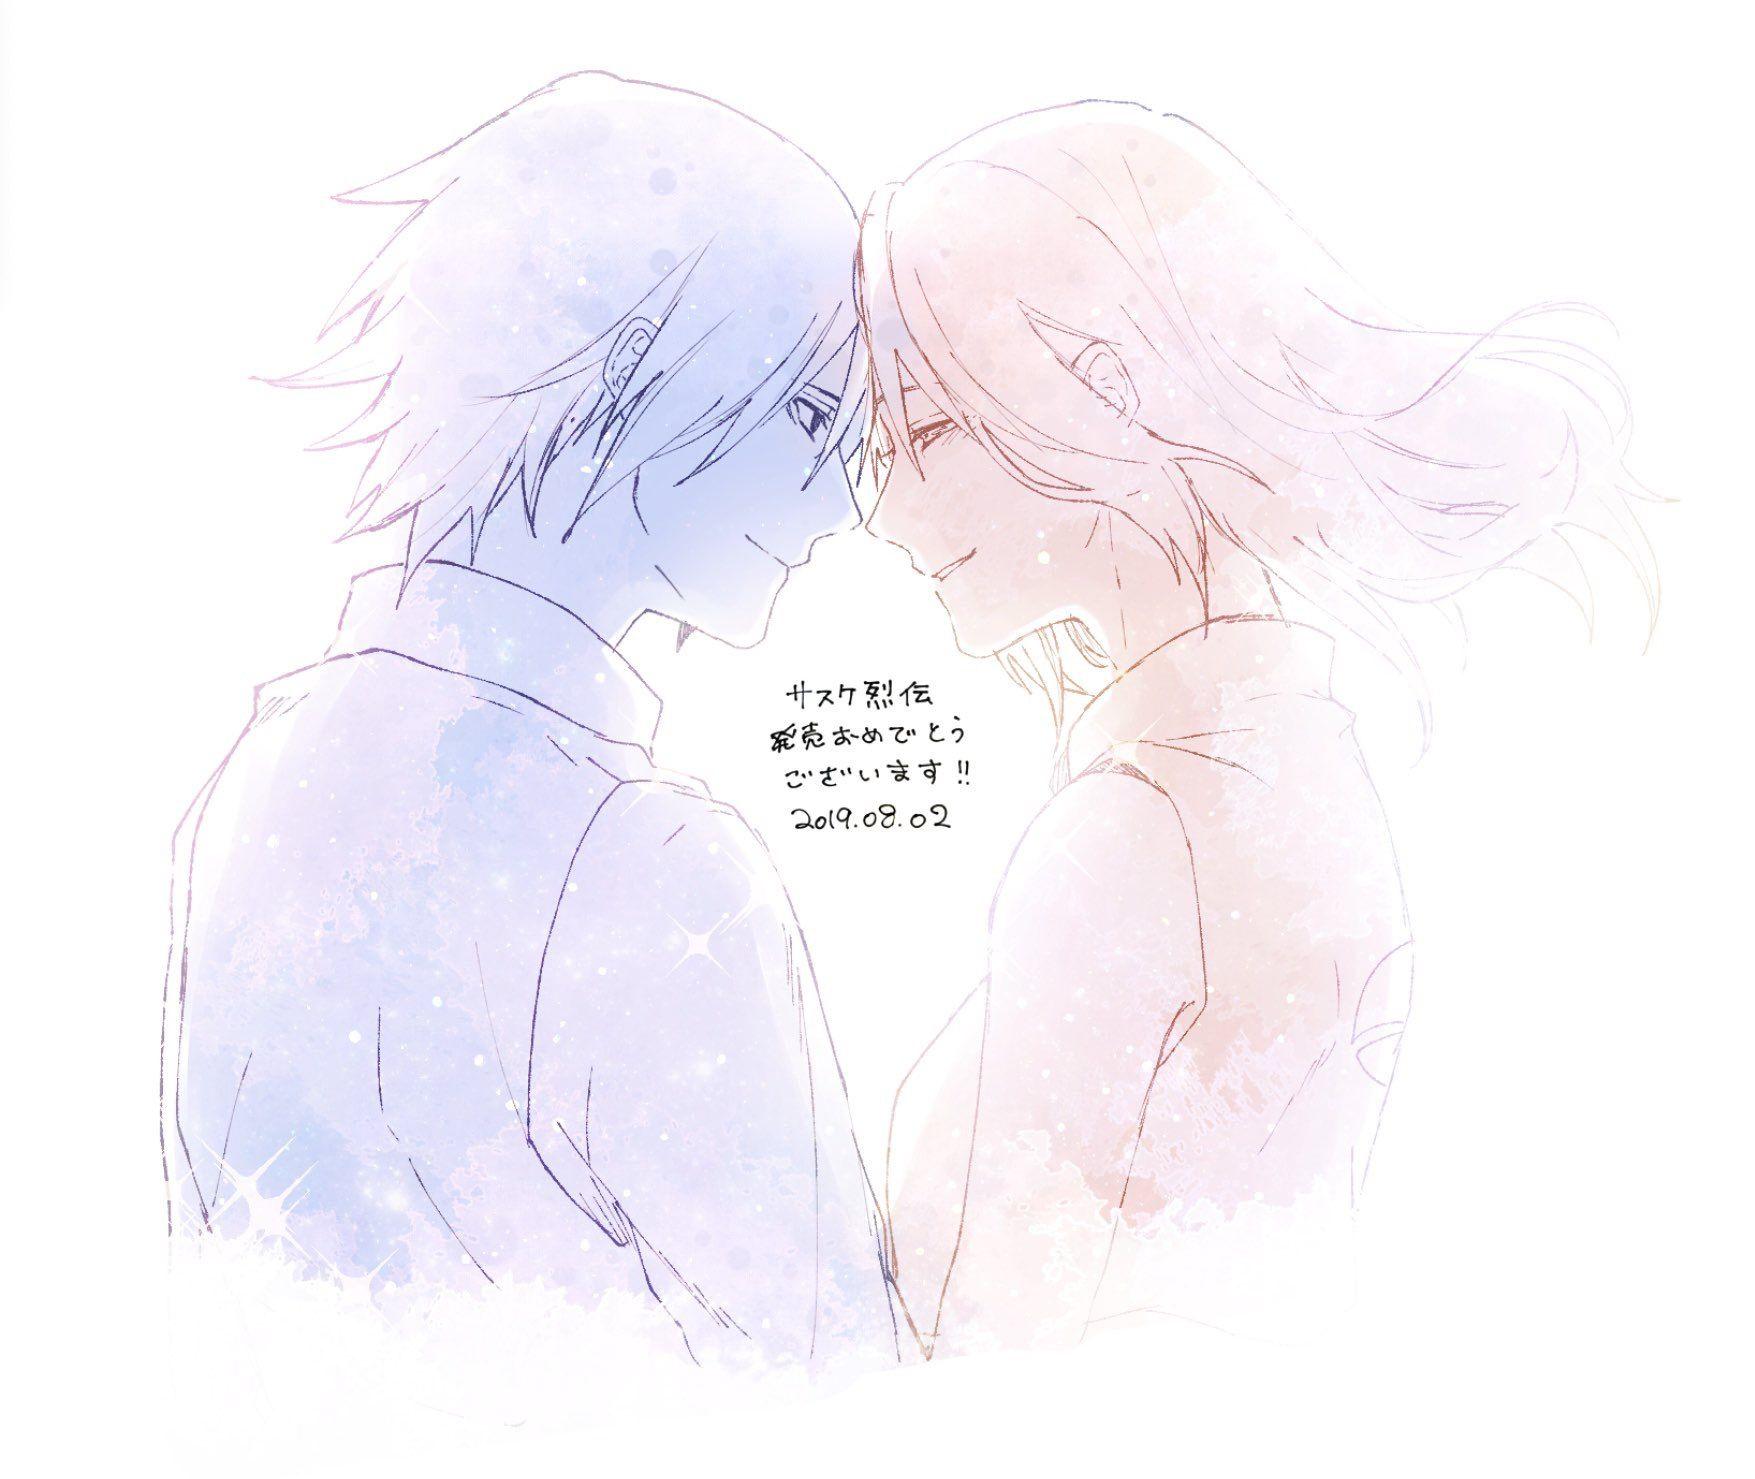 Platumoon Drawings Couple Drawings Cartoon Drawings Of People